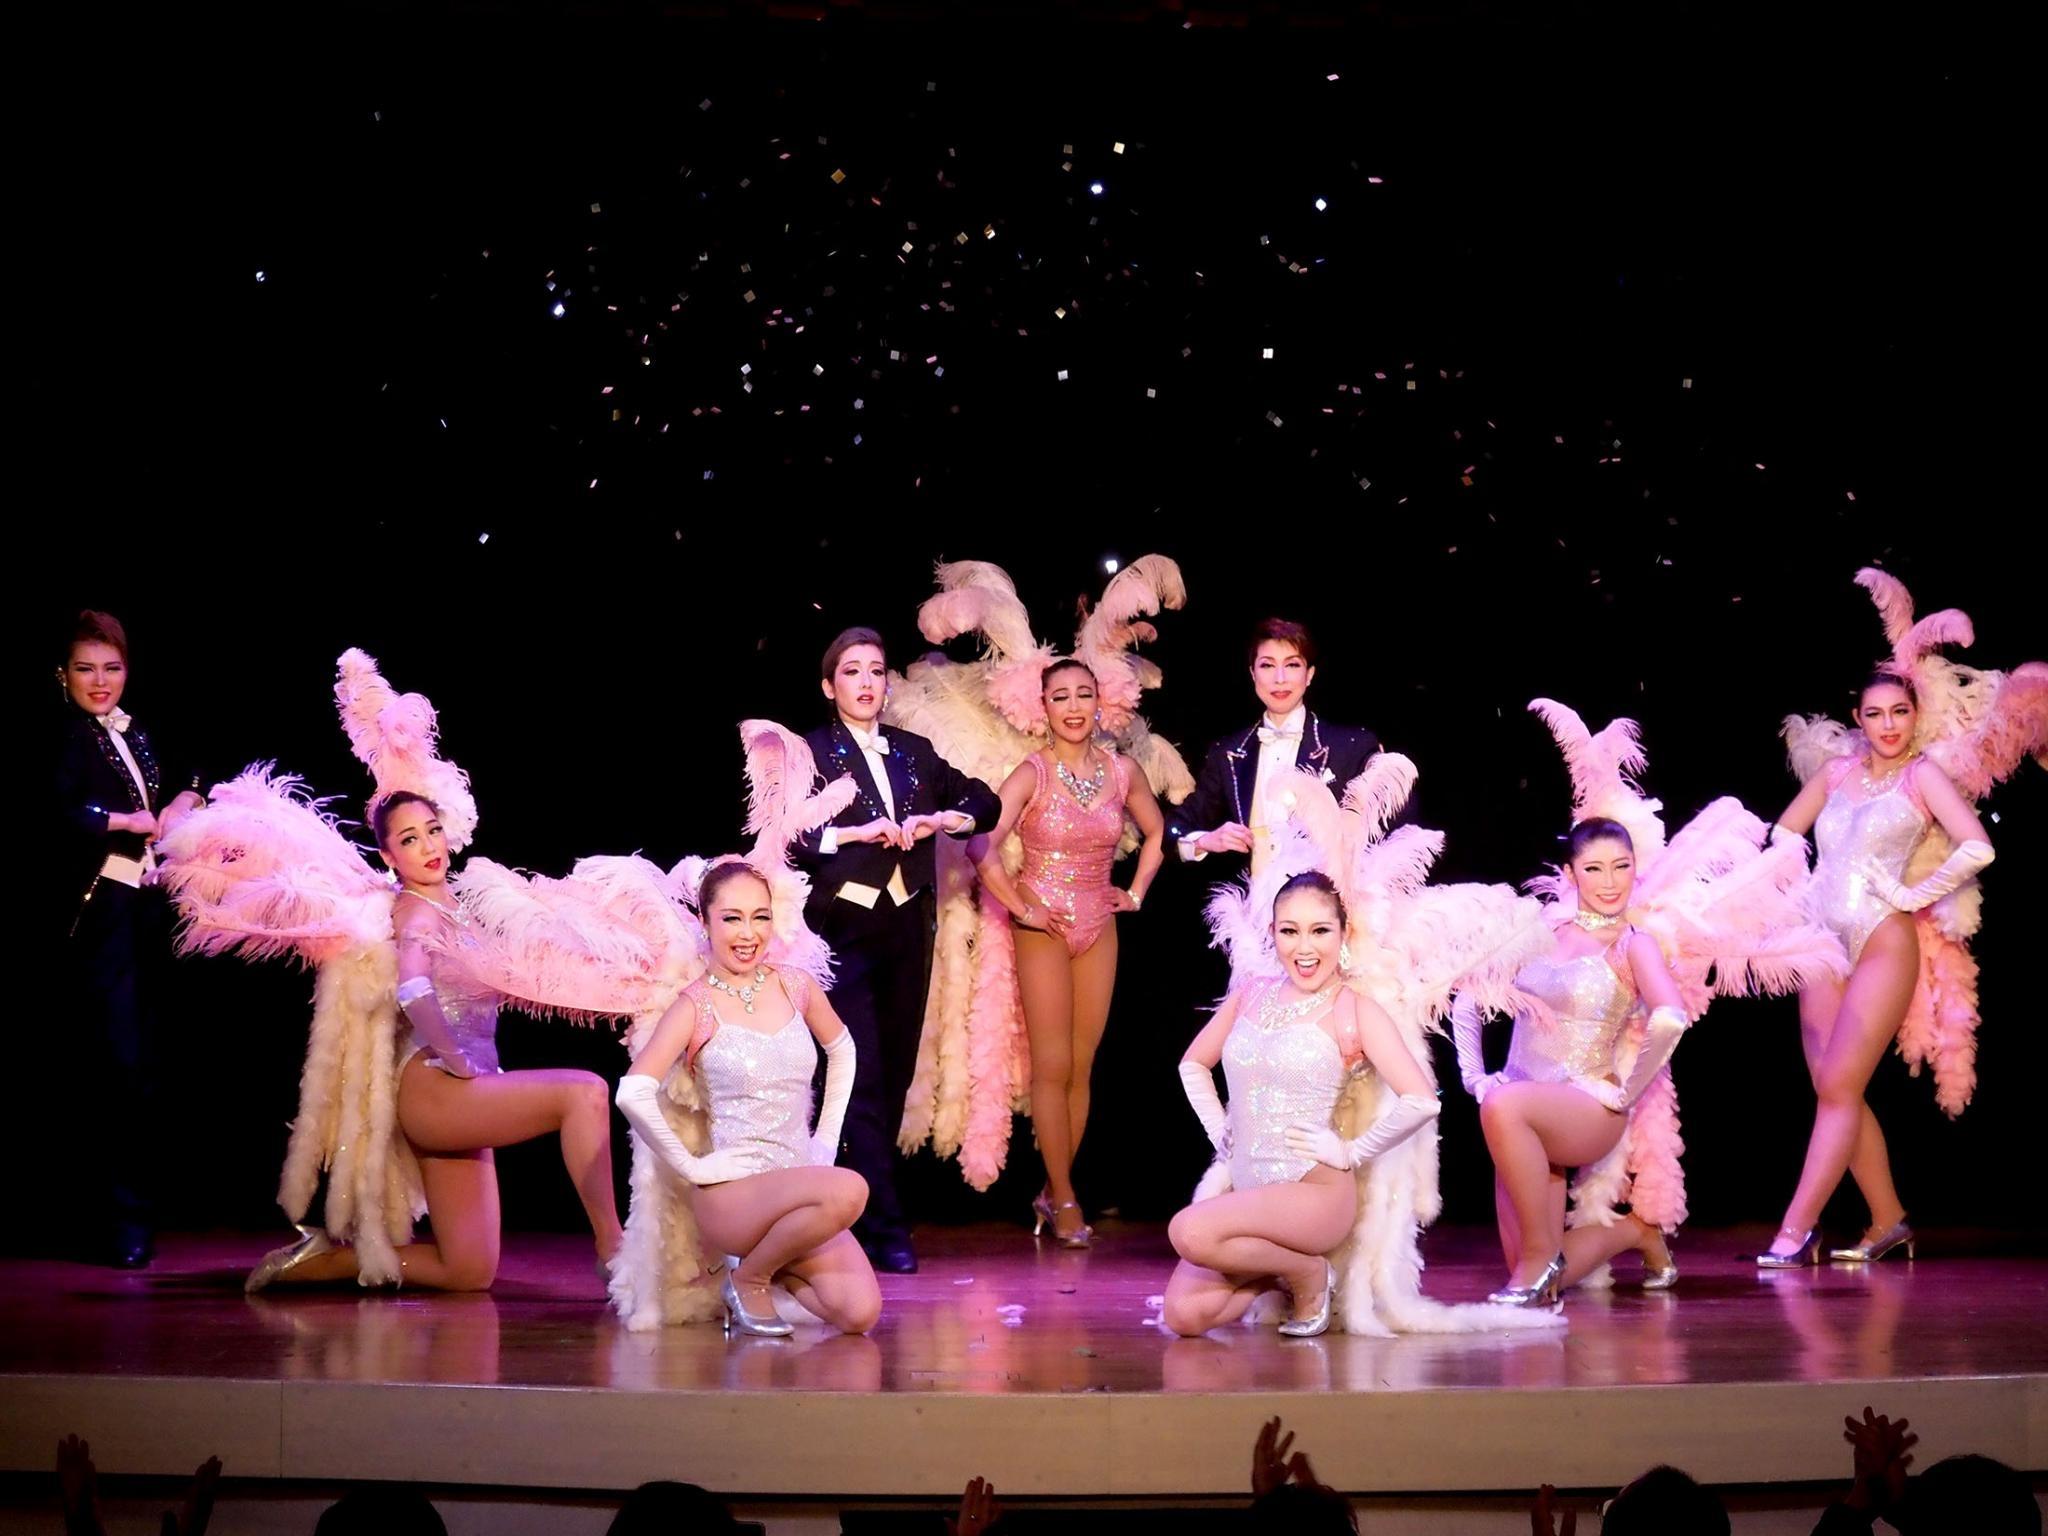 オーディション サヴァビアンショー  出演ダンサー募集 歌と踊りの煌びやかな伝統と文化の香りを守り続けているレビューチームです 主催:レビューチーム サヴァビアン、カテゴリ:ダンサー